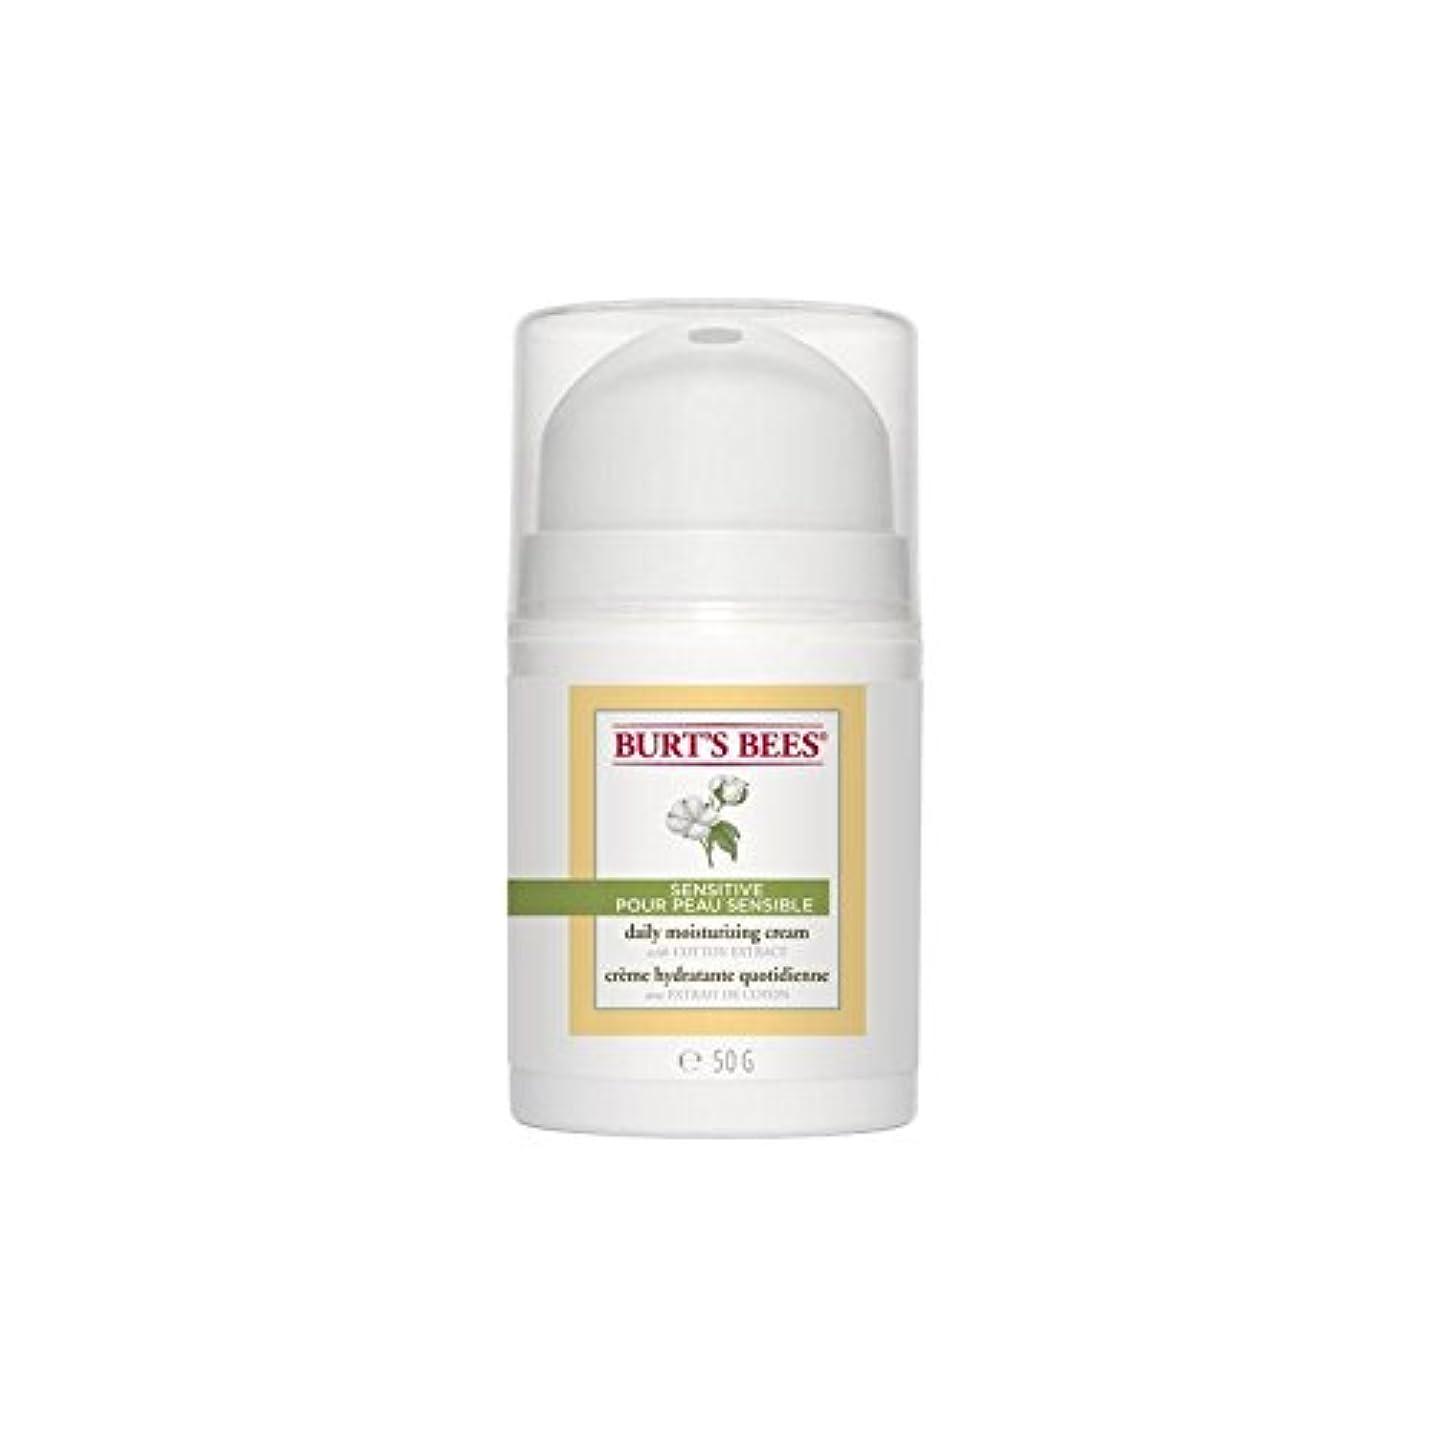 有罪シリーズ自然バーツビー敏感毎日保湿クリーム50グラム x2 - Burt's Bees Sensitive Daily Moisturising Cream 50G (Pack of 2) [並行輸入品]